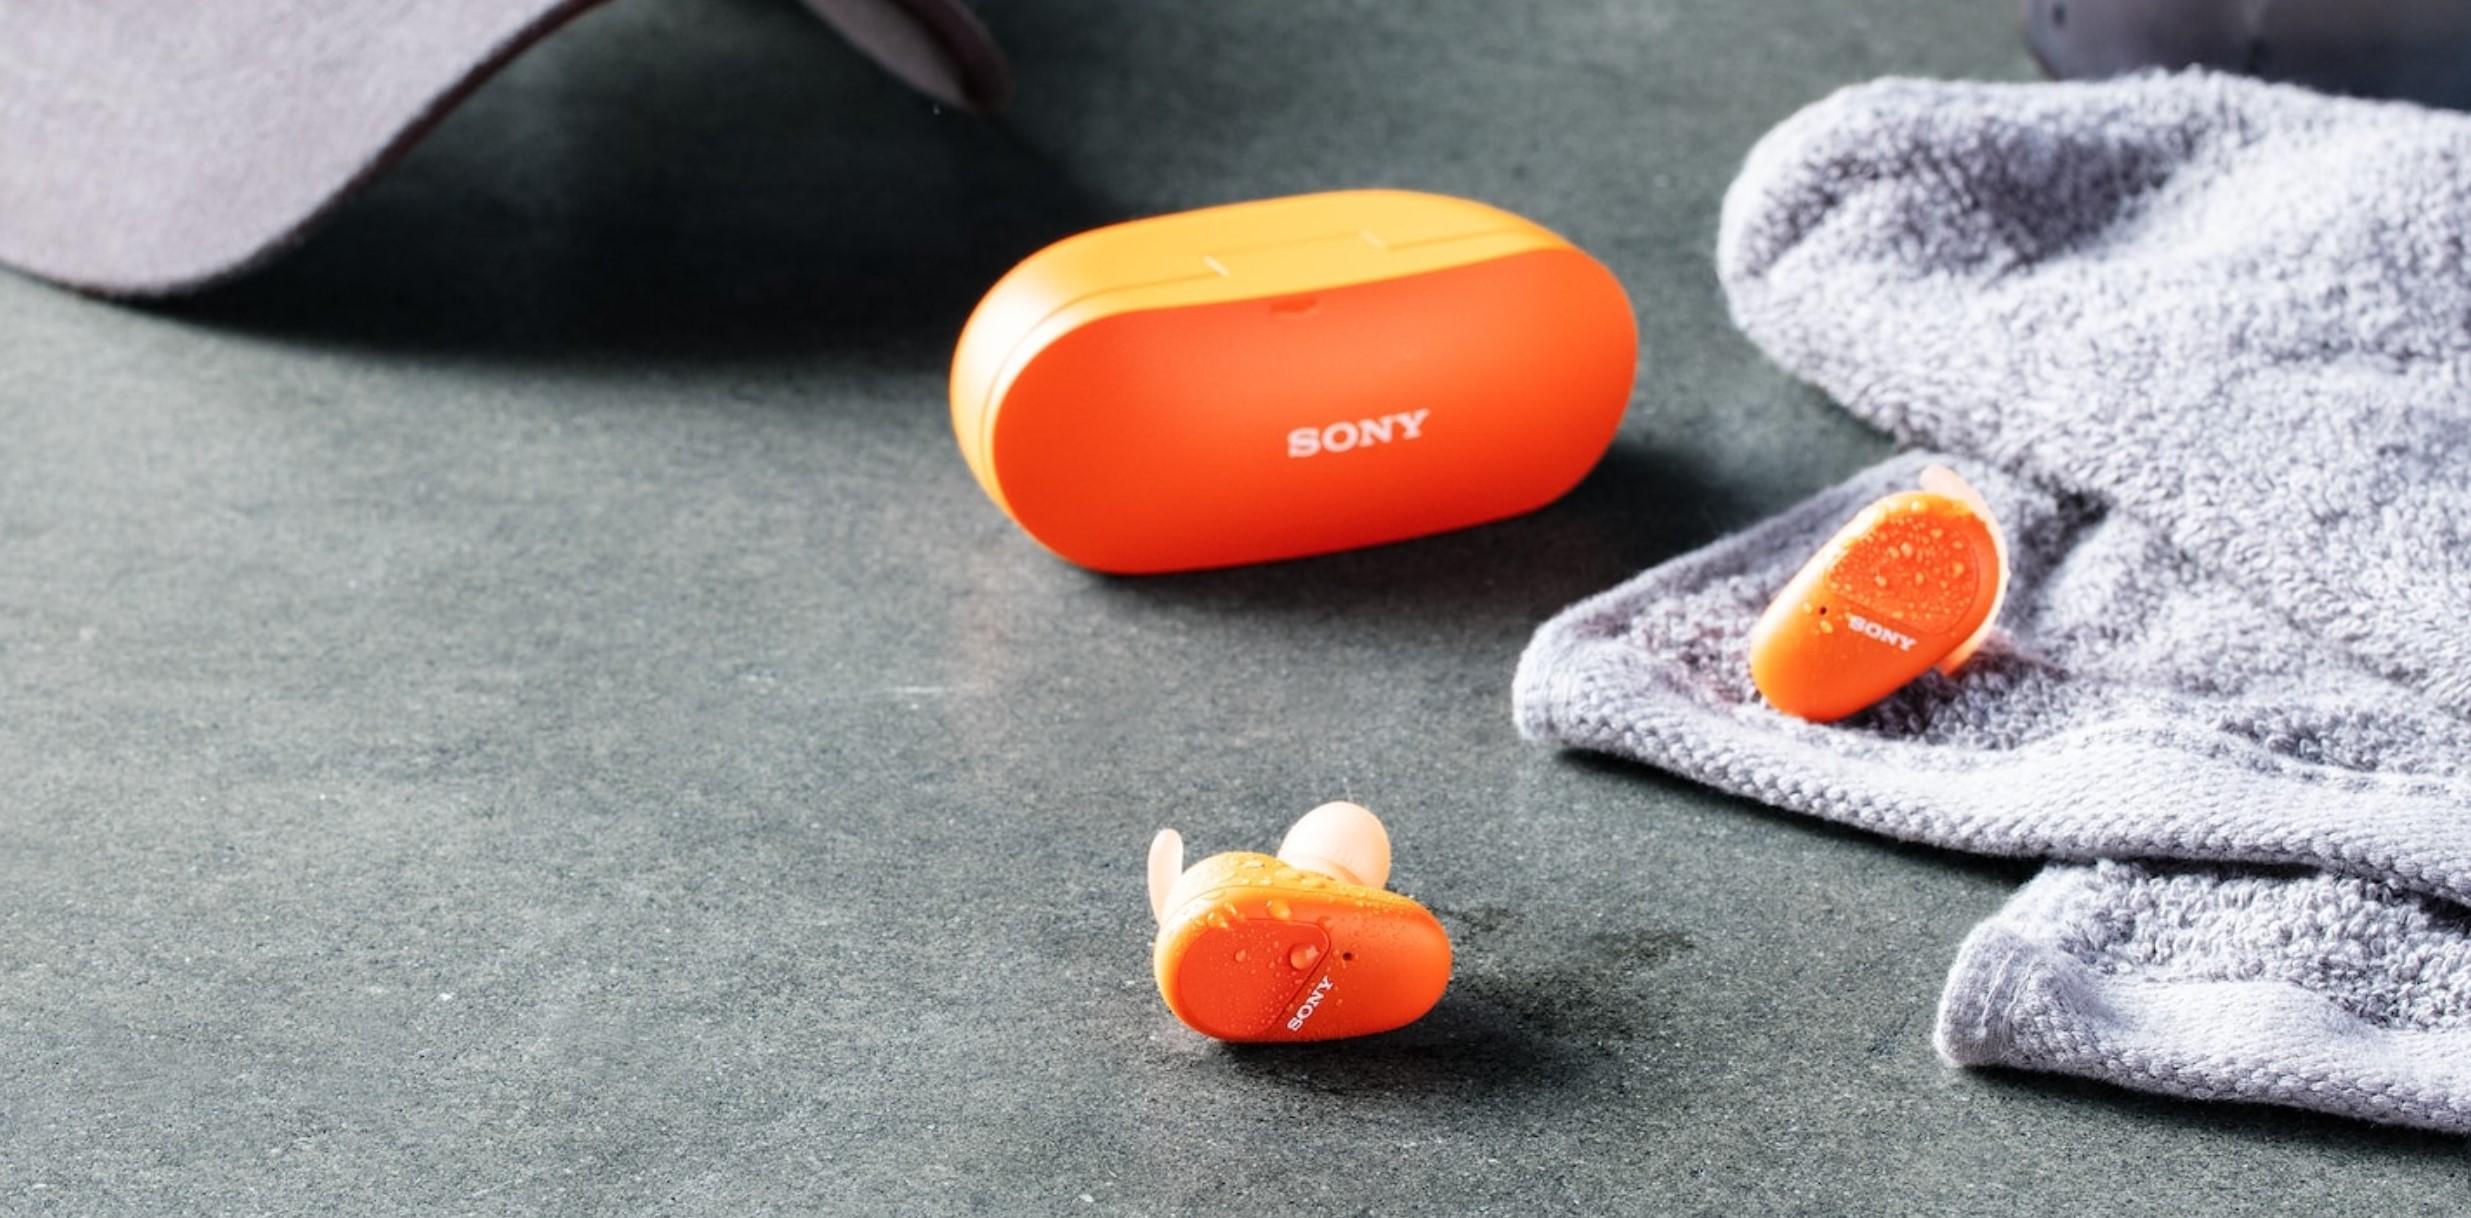 Nowe słuchawki TWS dla sportowców od Sony. To samo, świetne ANC i odporność na zachlapania 18